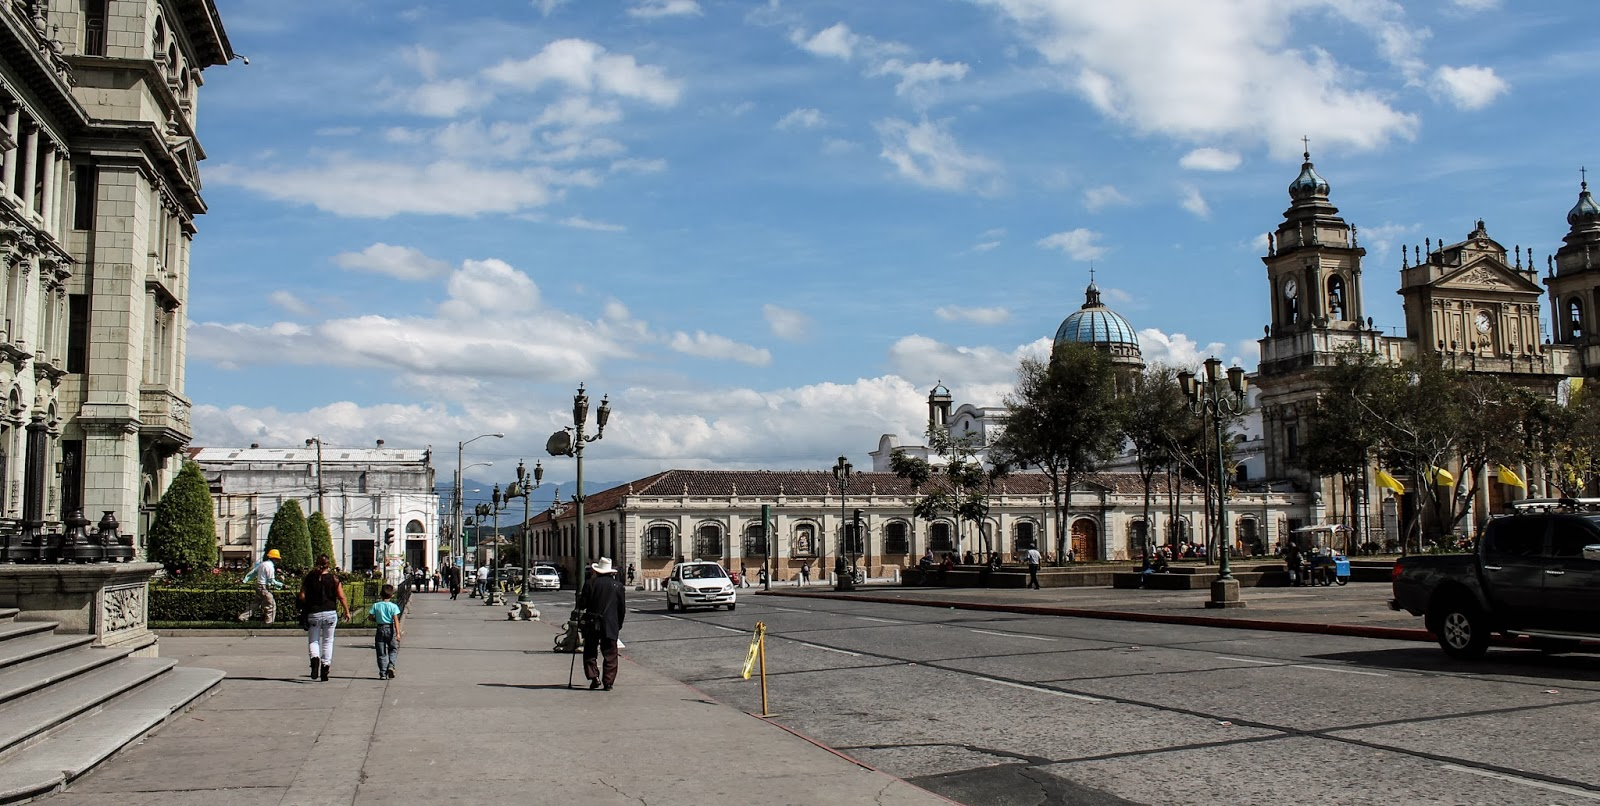 A day in Guatemala City: ¡Bienvenidos en la Ciudad de Guatemala!